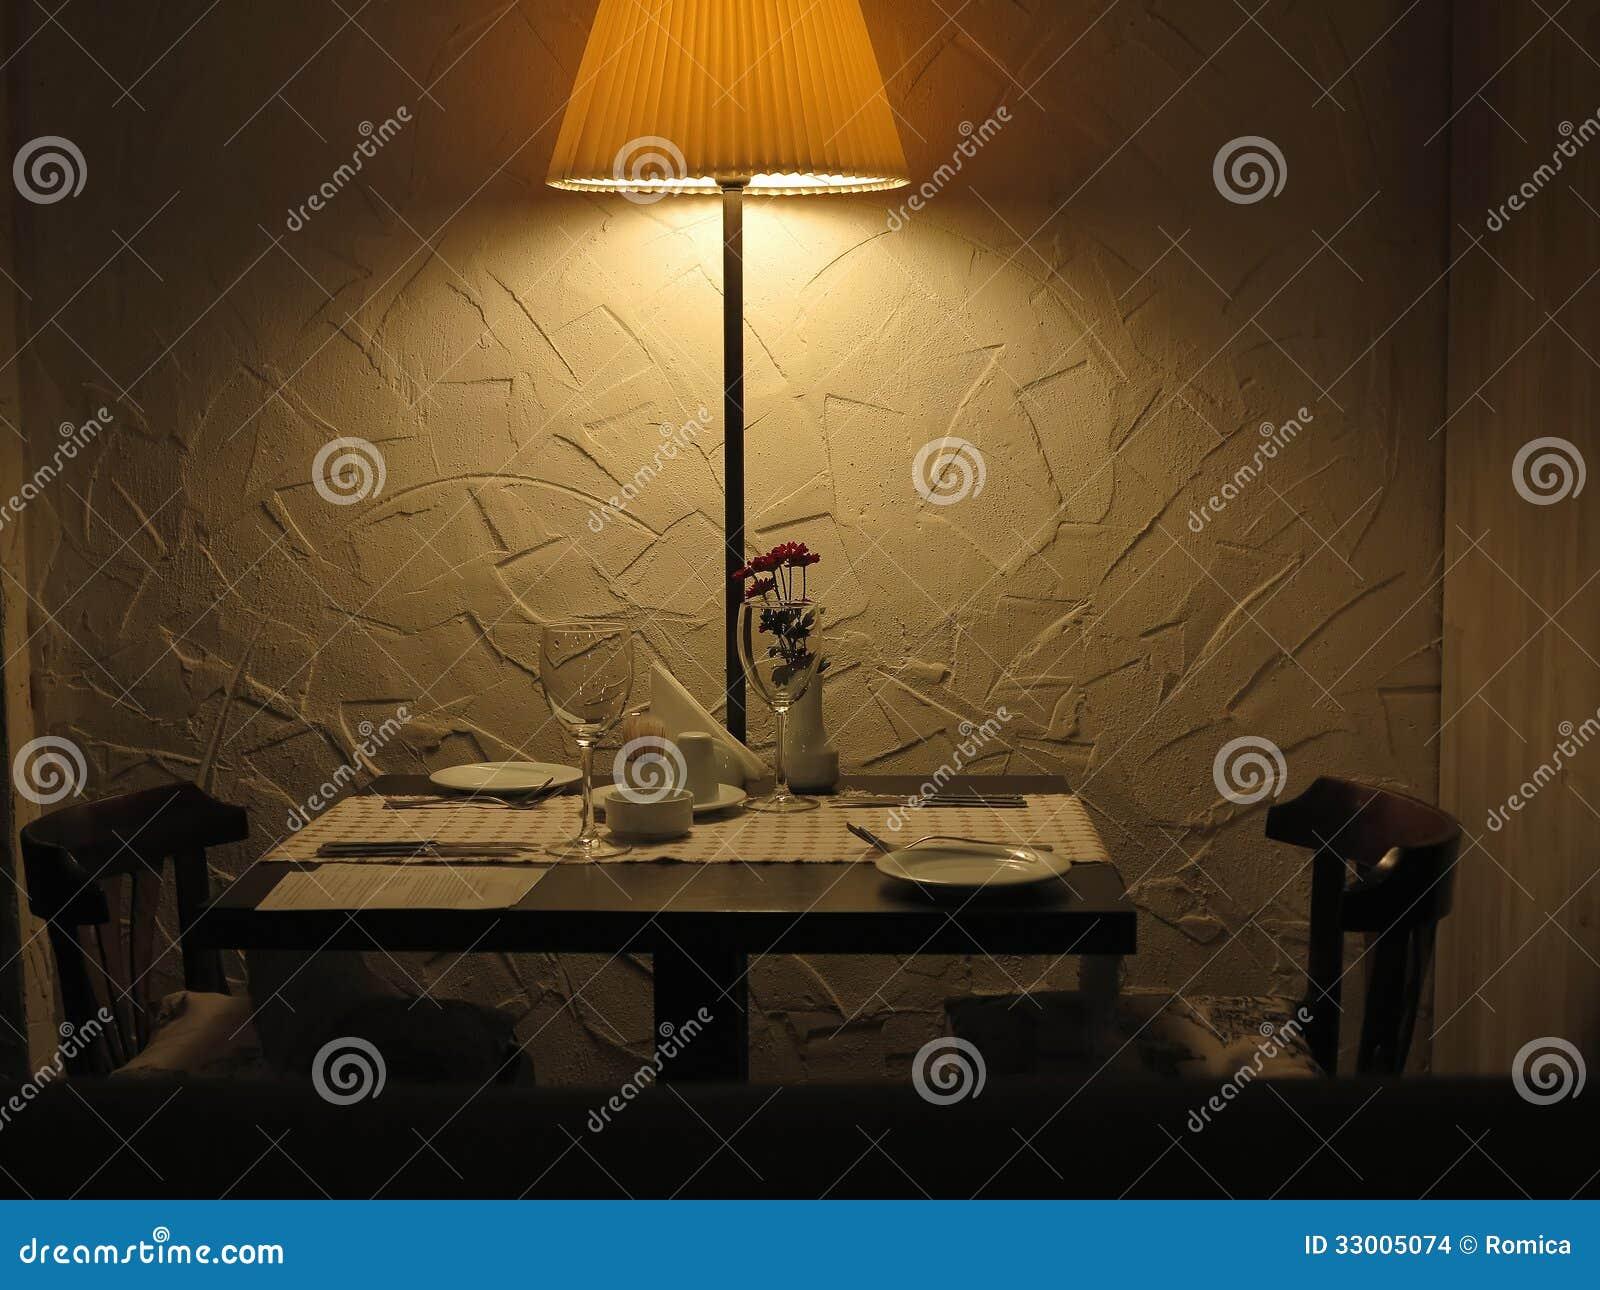 Romantic Dinner Table For Couple Served Restaurant Stock